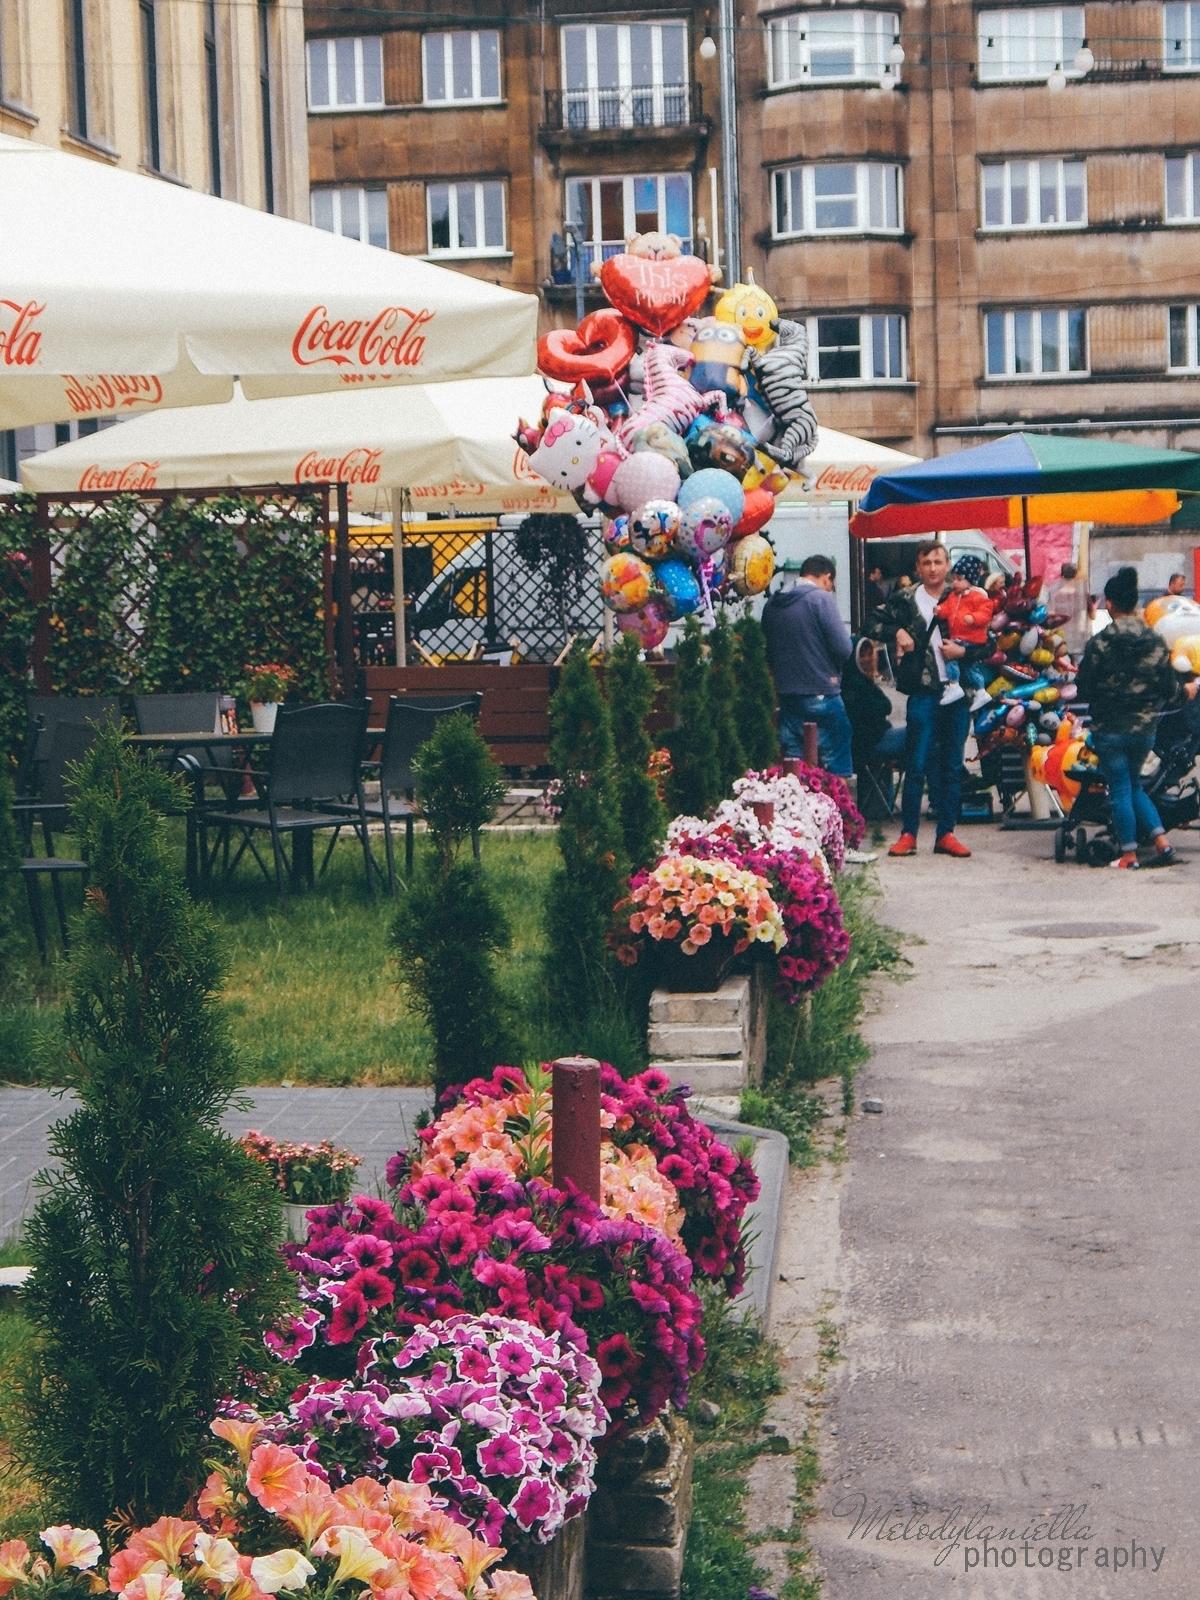 5 XV Łódź Street Food Festival. Uliczna uczta przy Piotrkowskiej 217 before food market lato co zjeść food truck festival łódź bangkok lody tajskie chińskie pierożki na parze baklava tacos kiełbasiarnia kofola